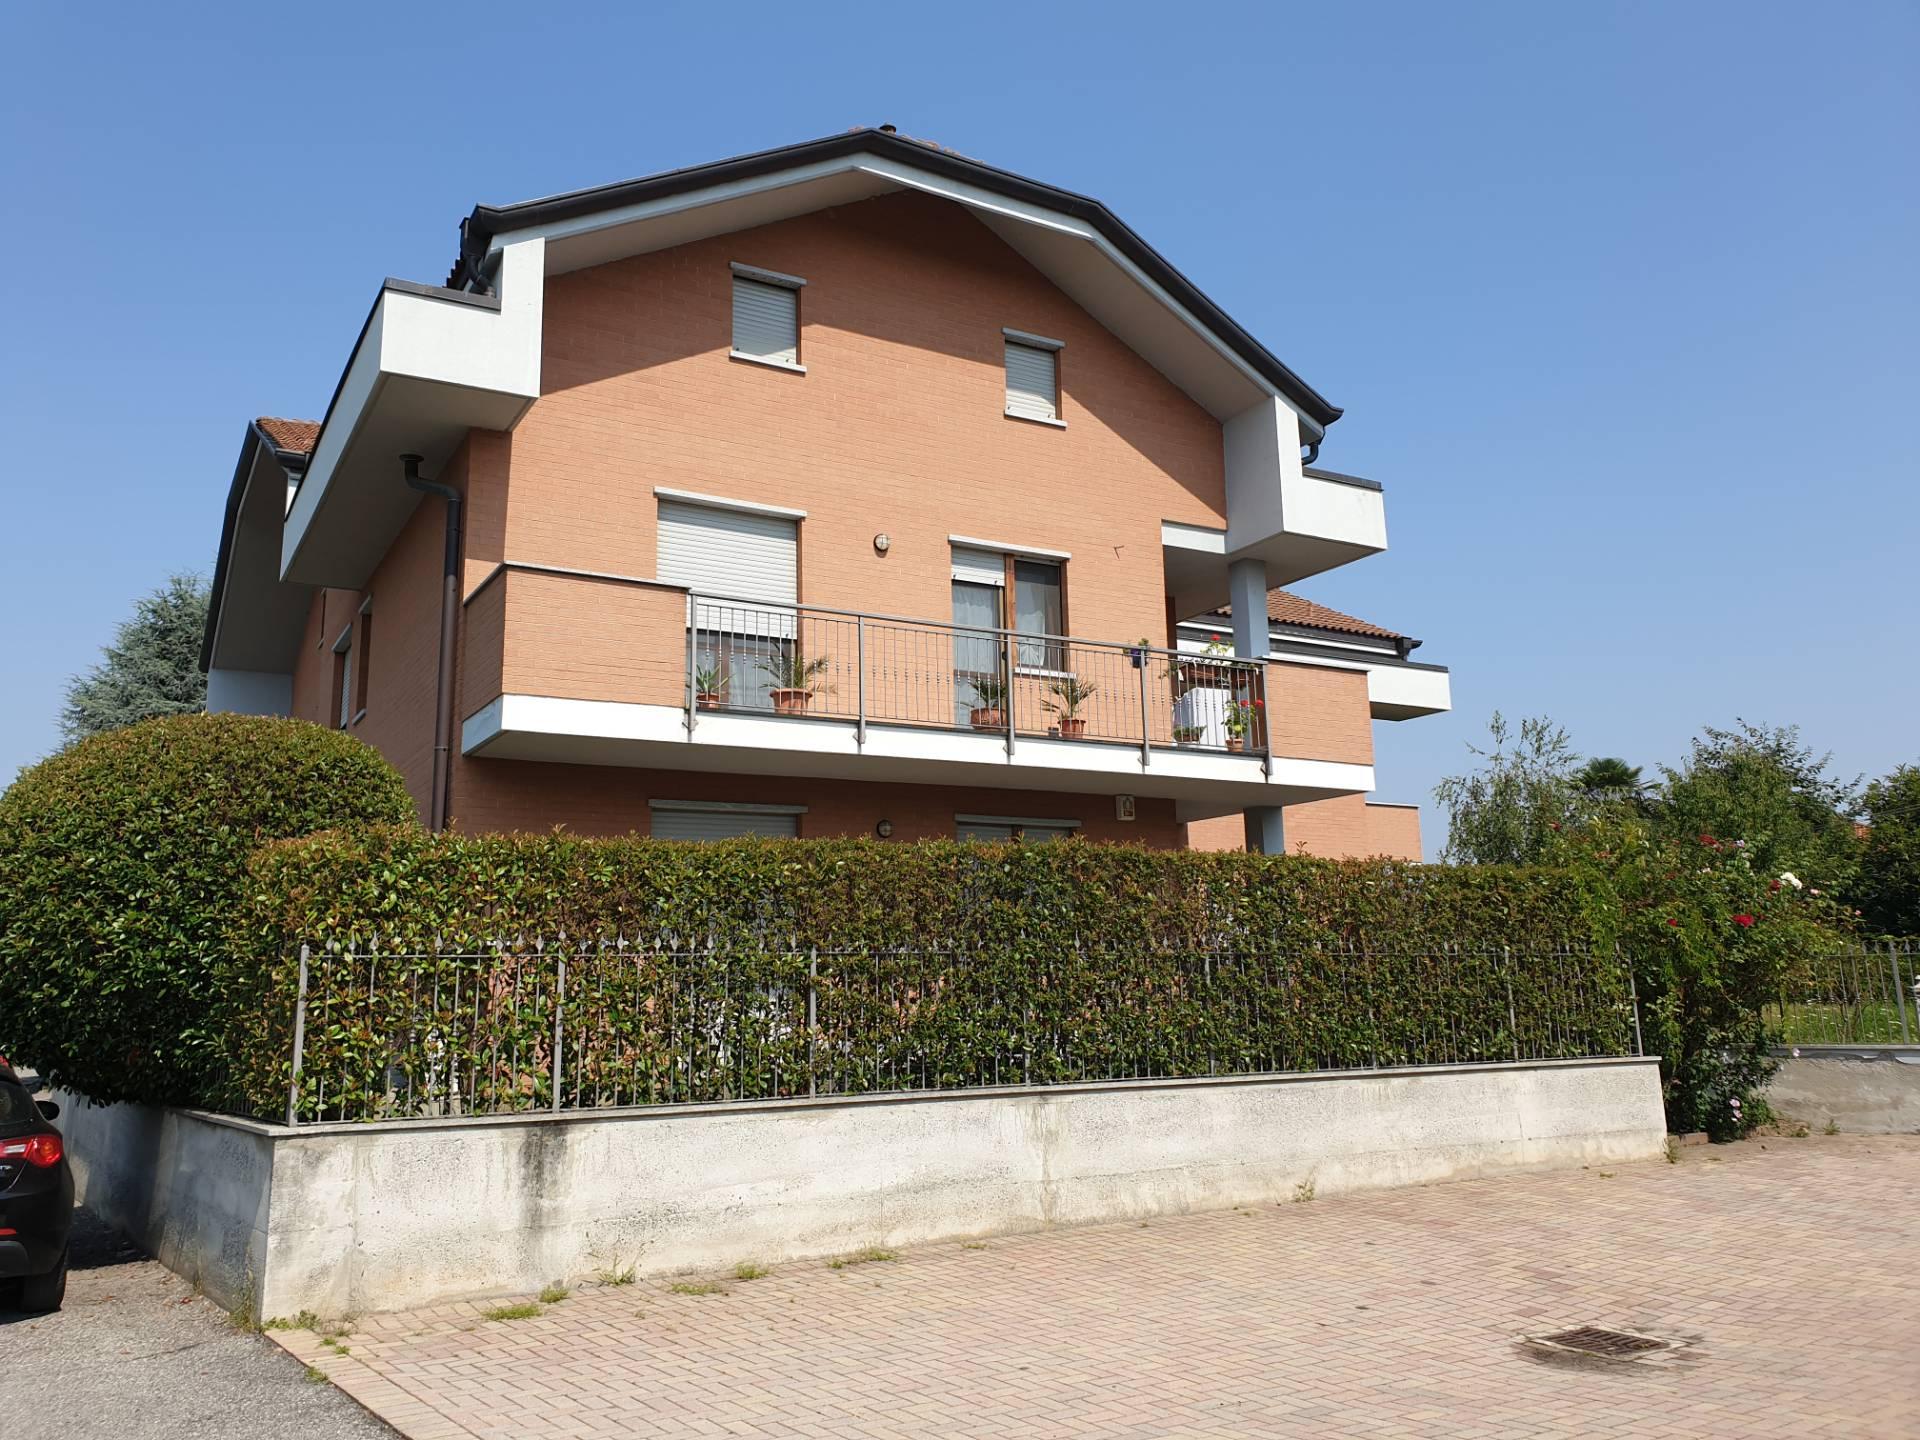 Appartamento in vendita a San Mauro Torinese, 4 locali, zona Località: OltrePo, prezzo € 169.000 | CambioCasa.it